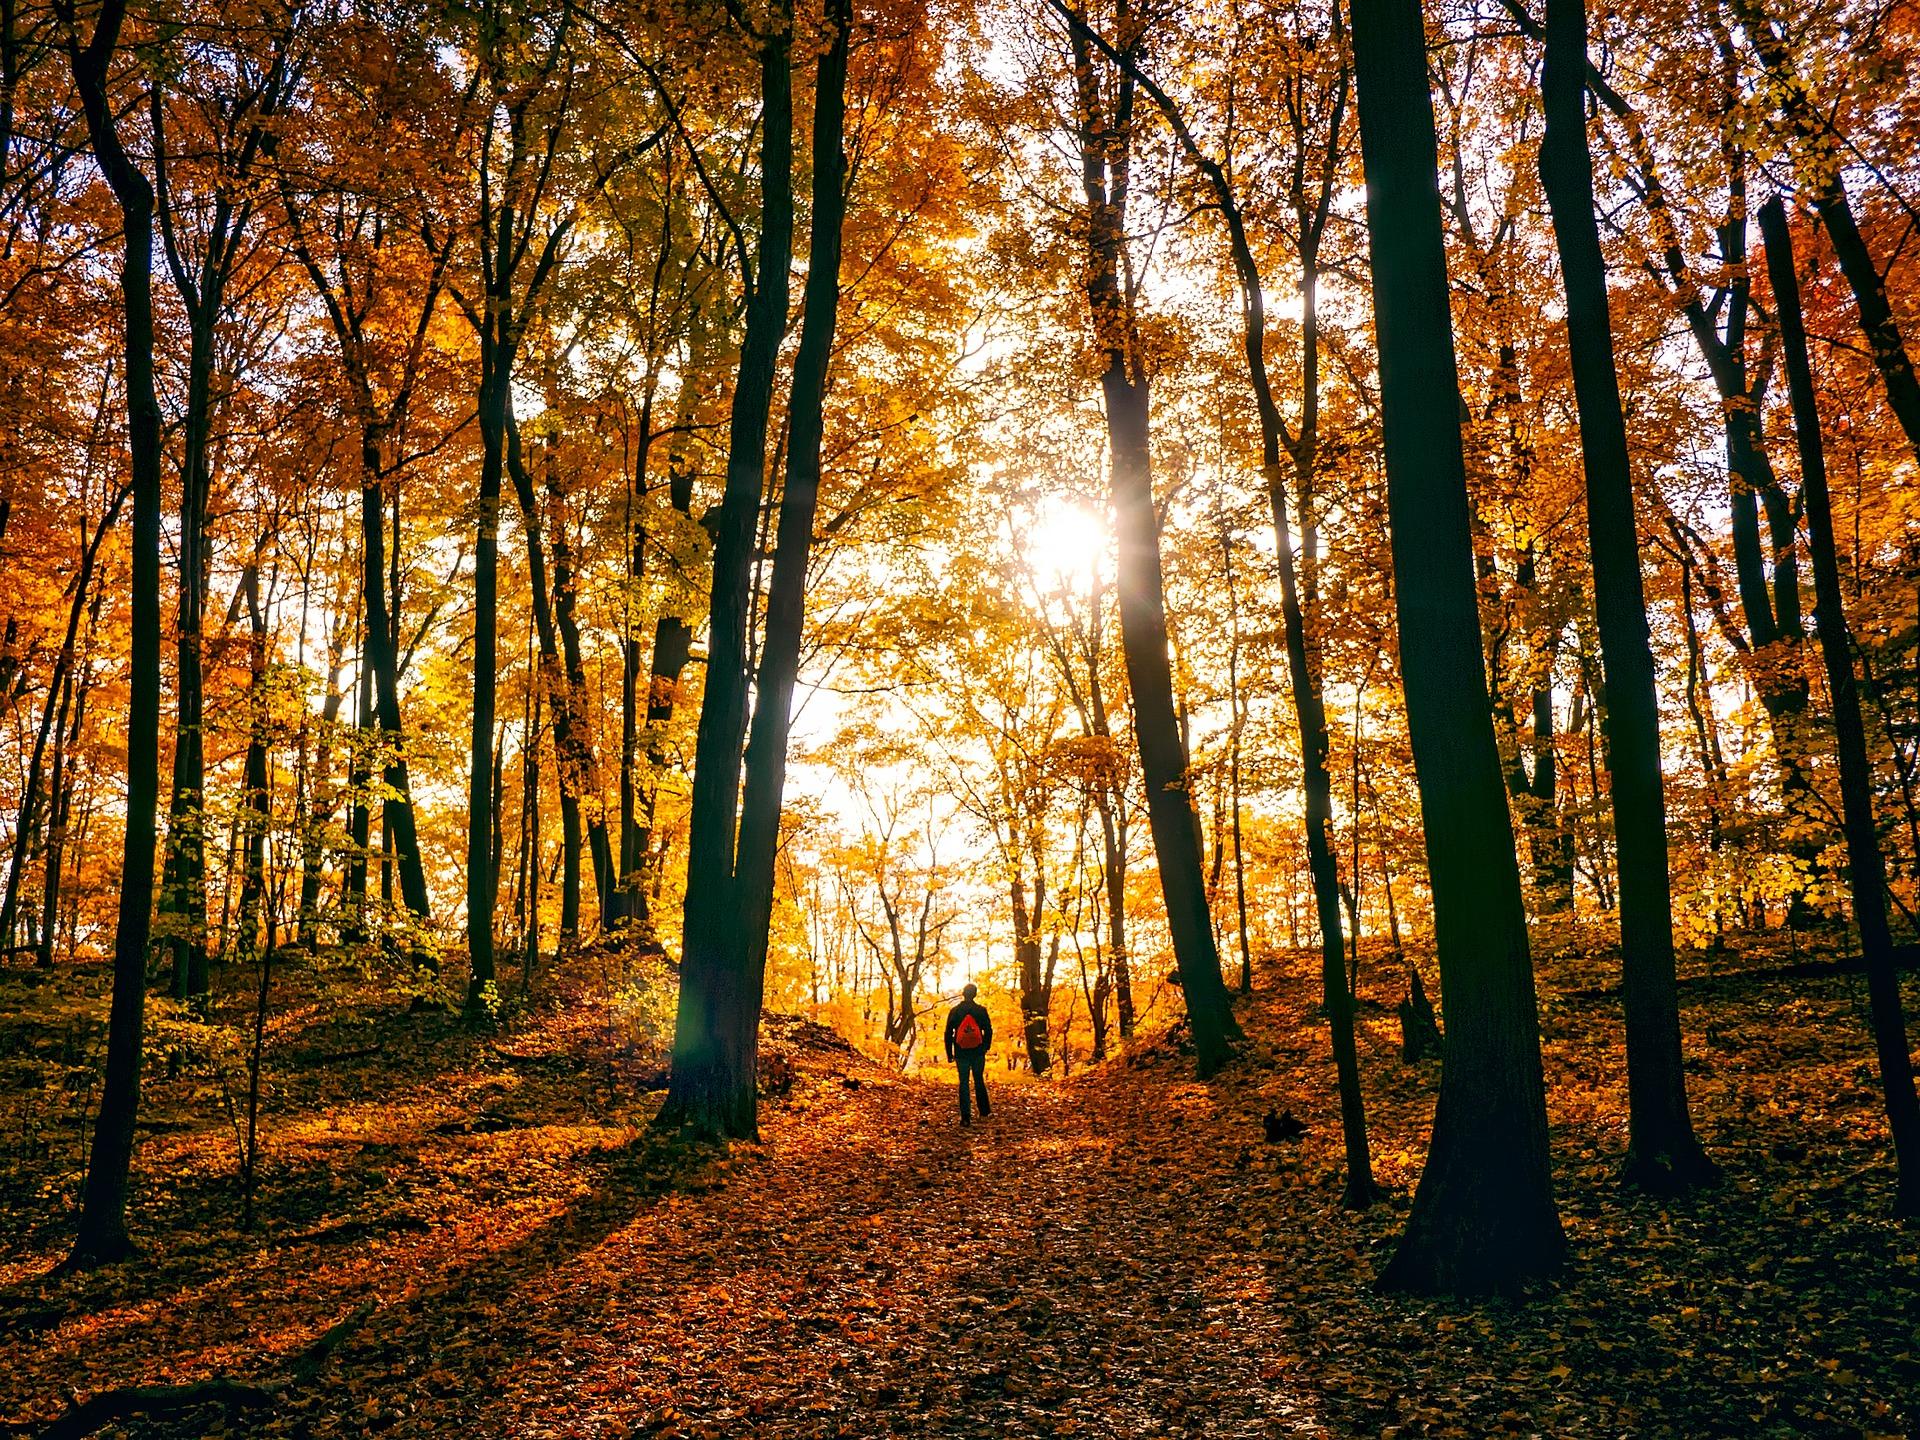 autumn-1812180_1920.jpg